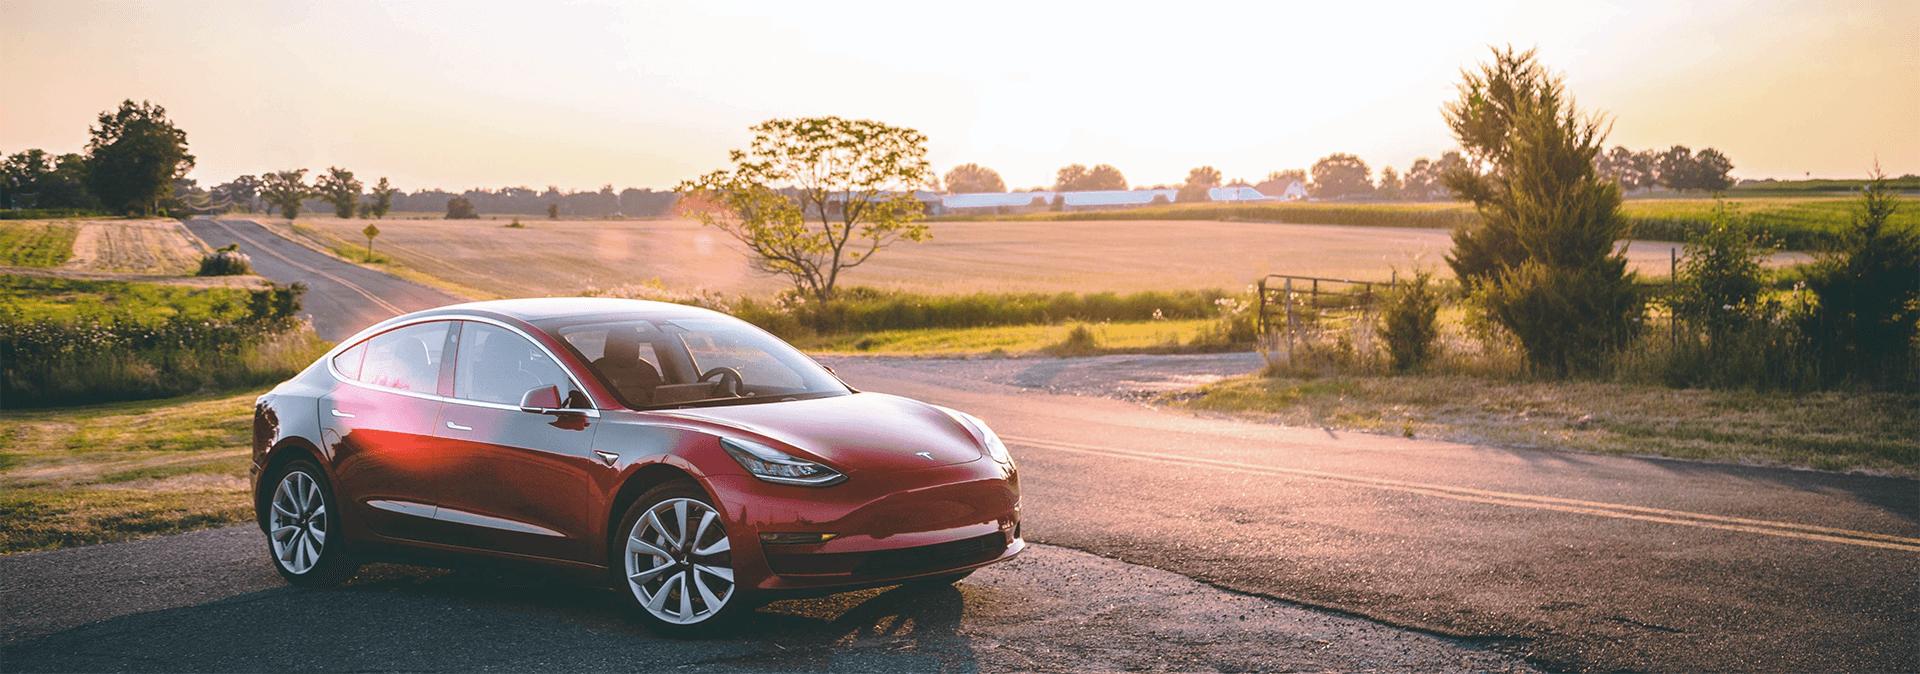 Used Tesla car image